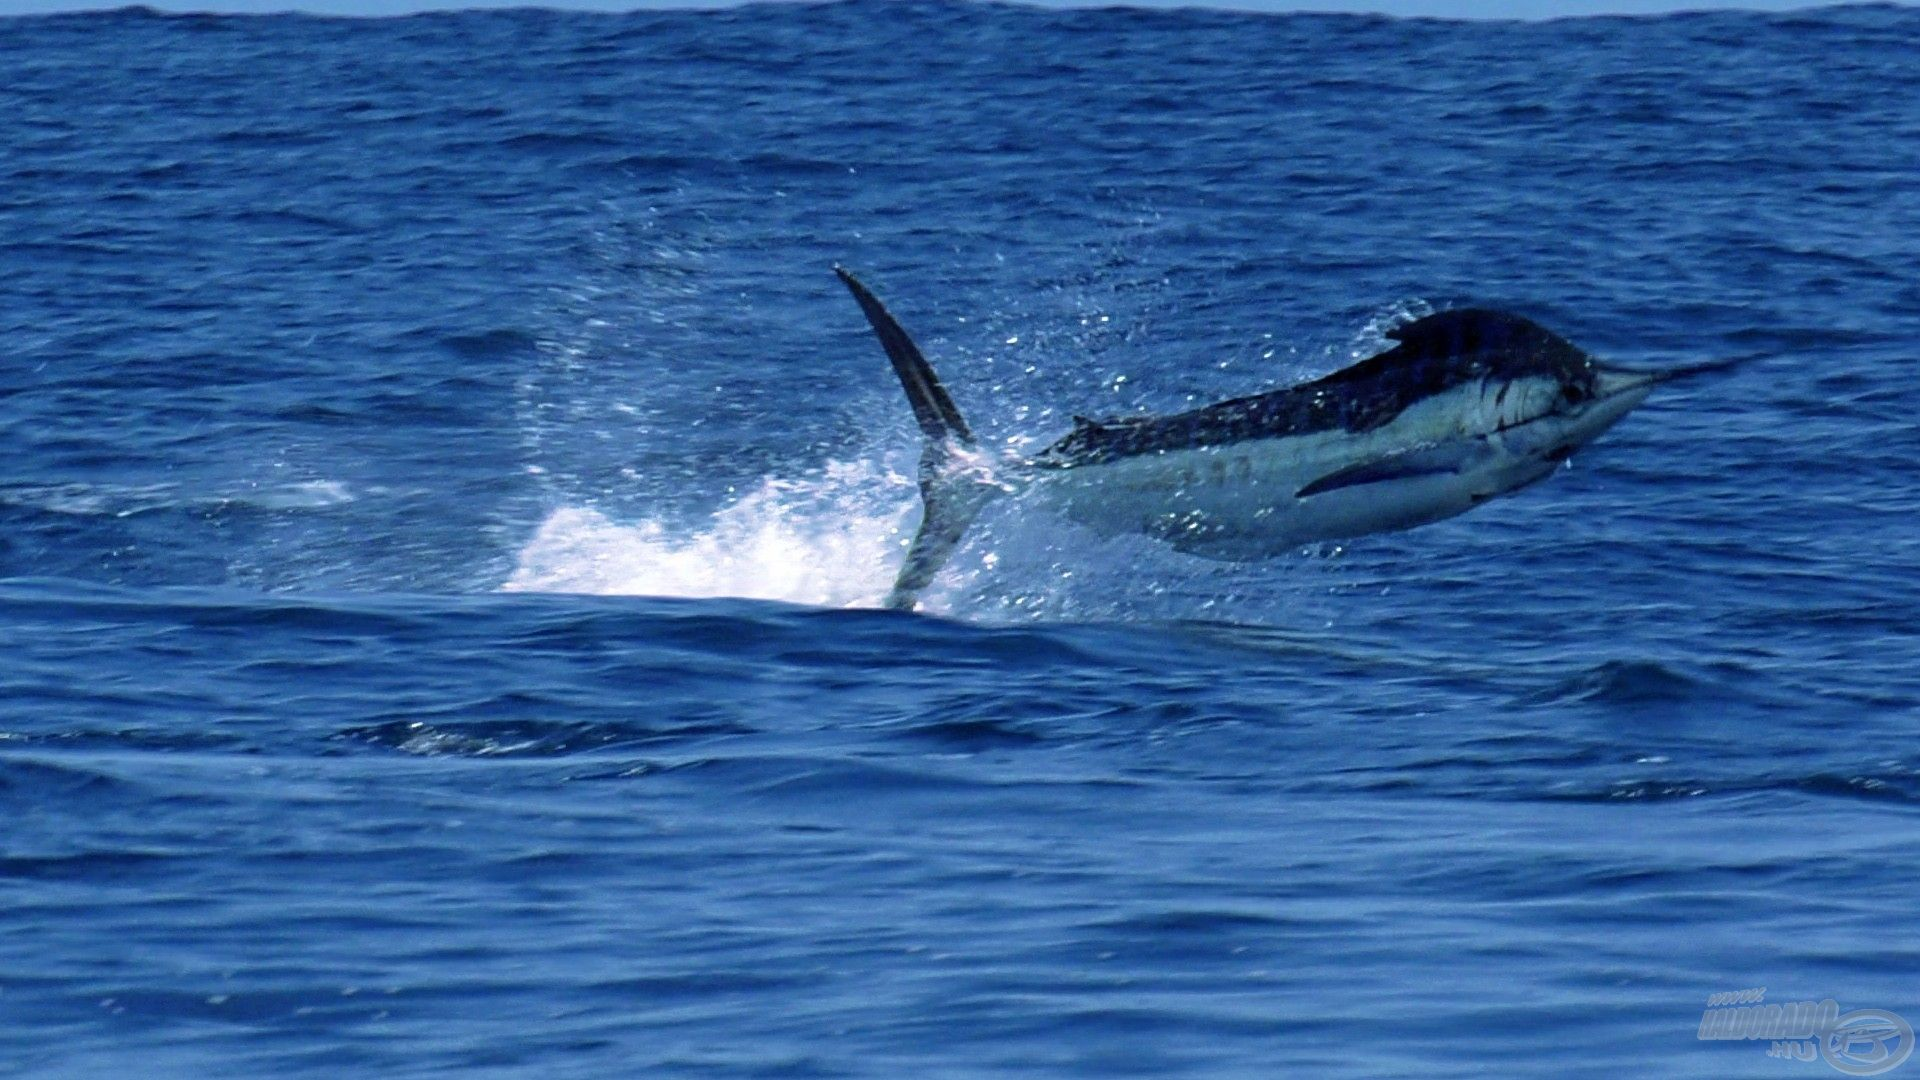 3 méteres hal a levegőben… bődületesen gyors és erős hal